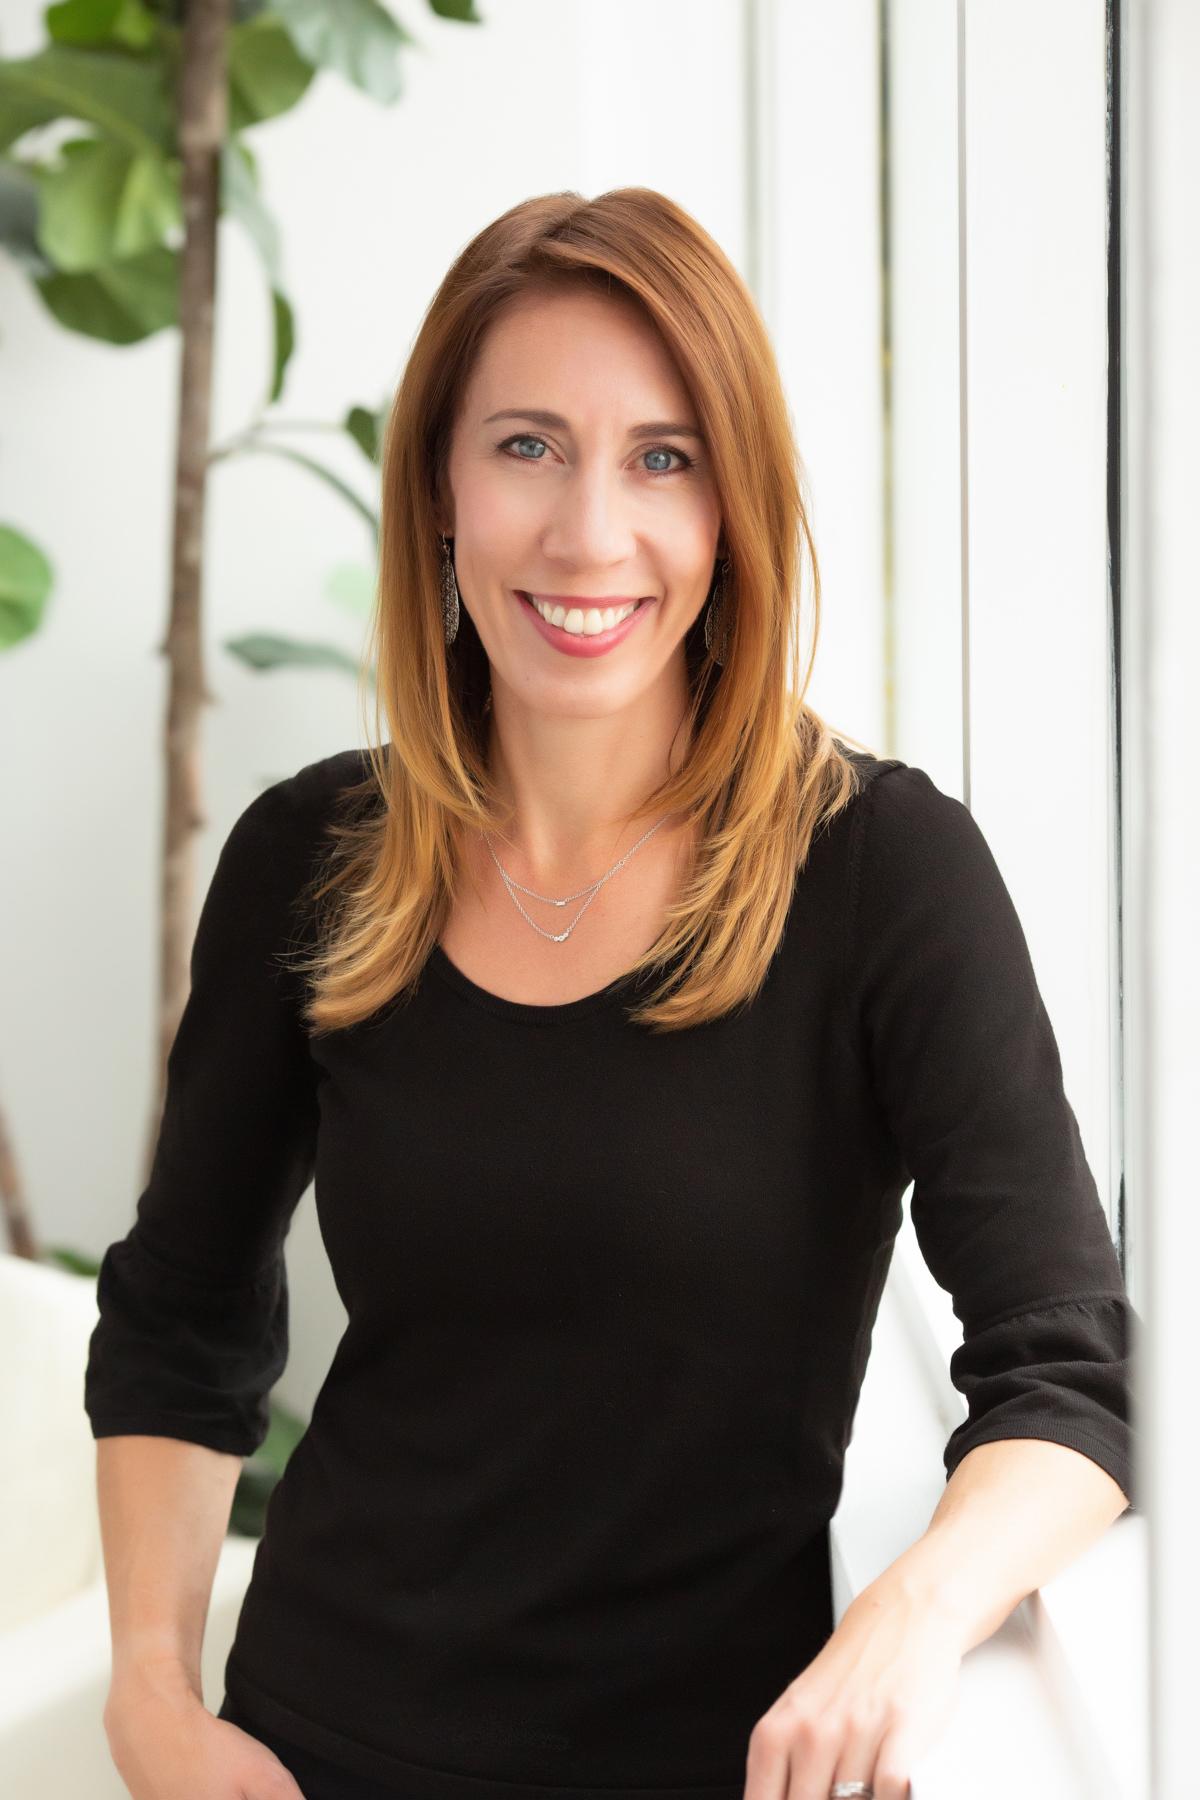 Kelly Brutsch, Counselor